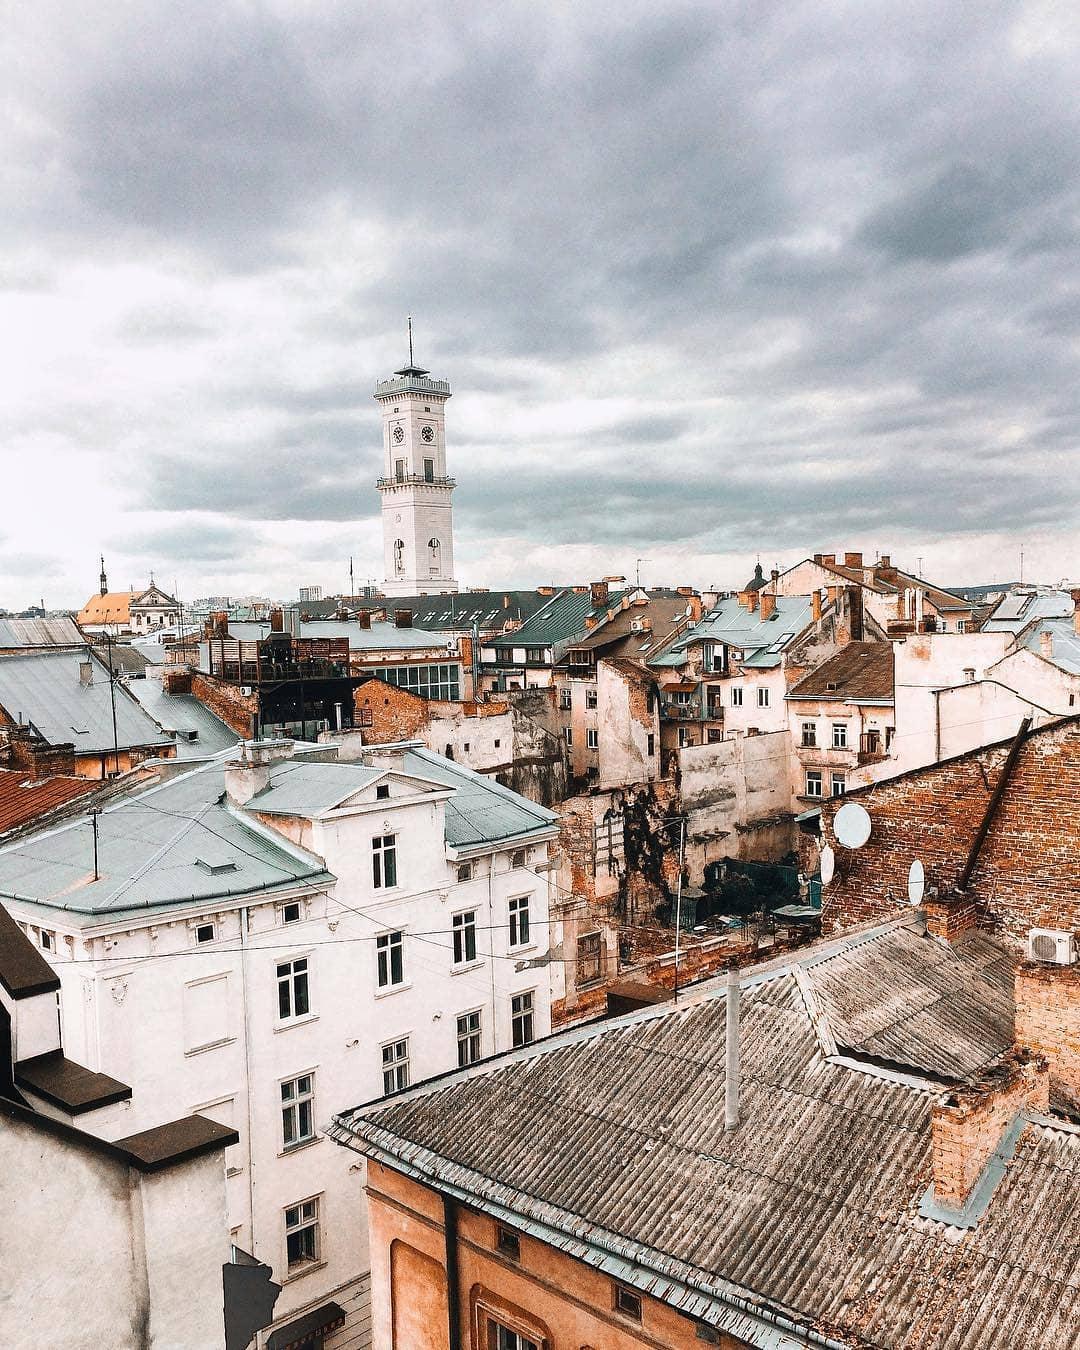 Інстаграм тижня: неймовірні куточки нашої країни в акаунті @beautyful_ua